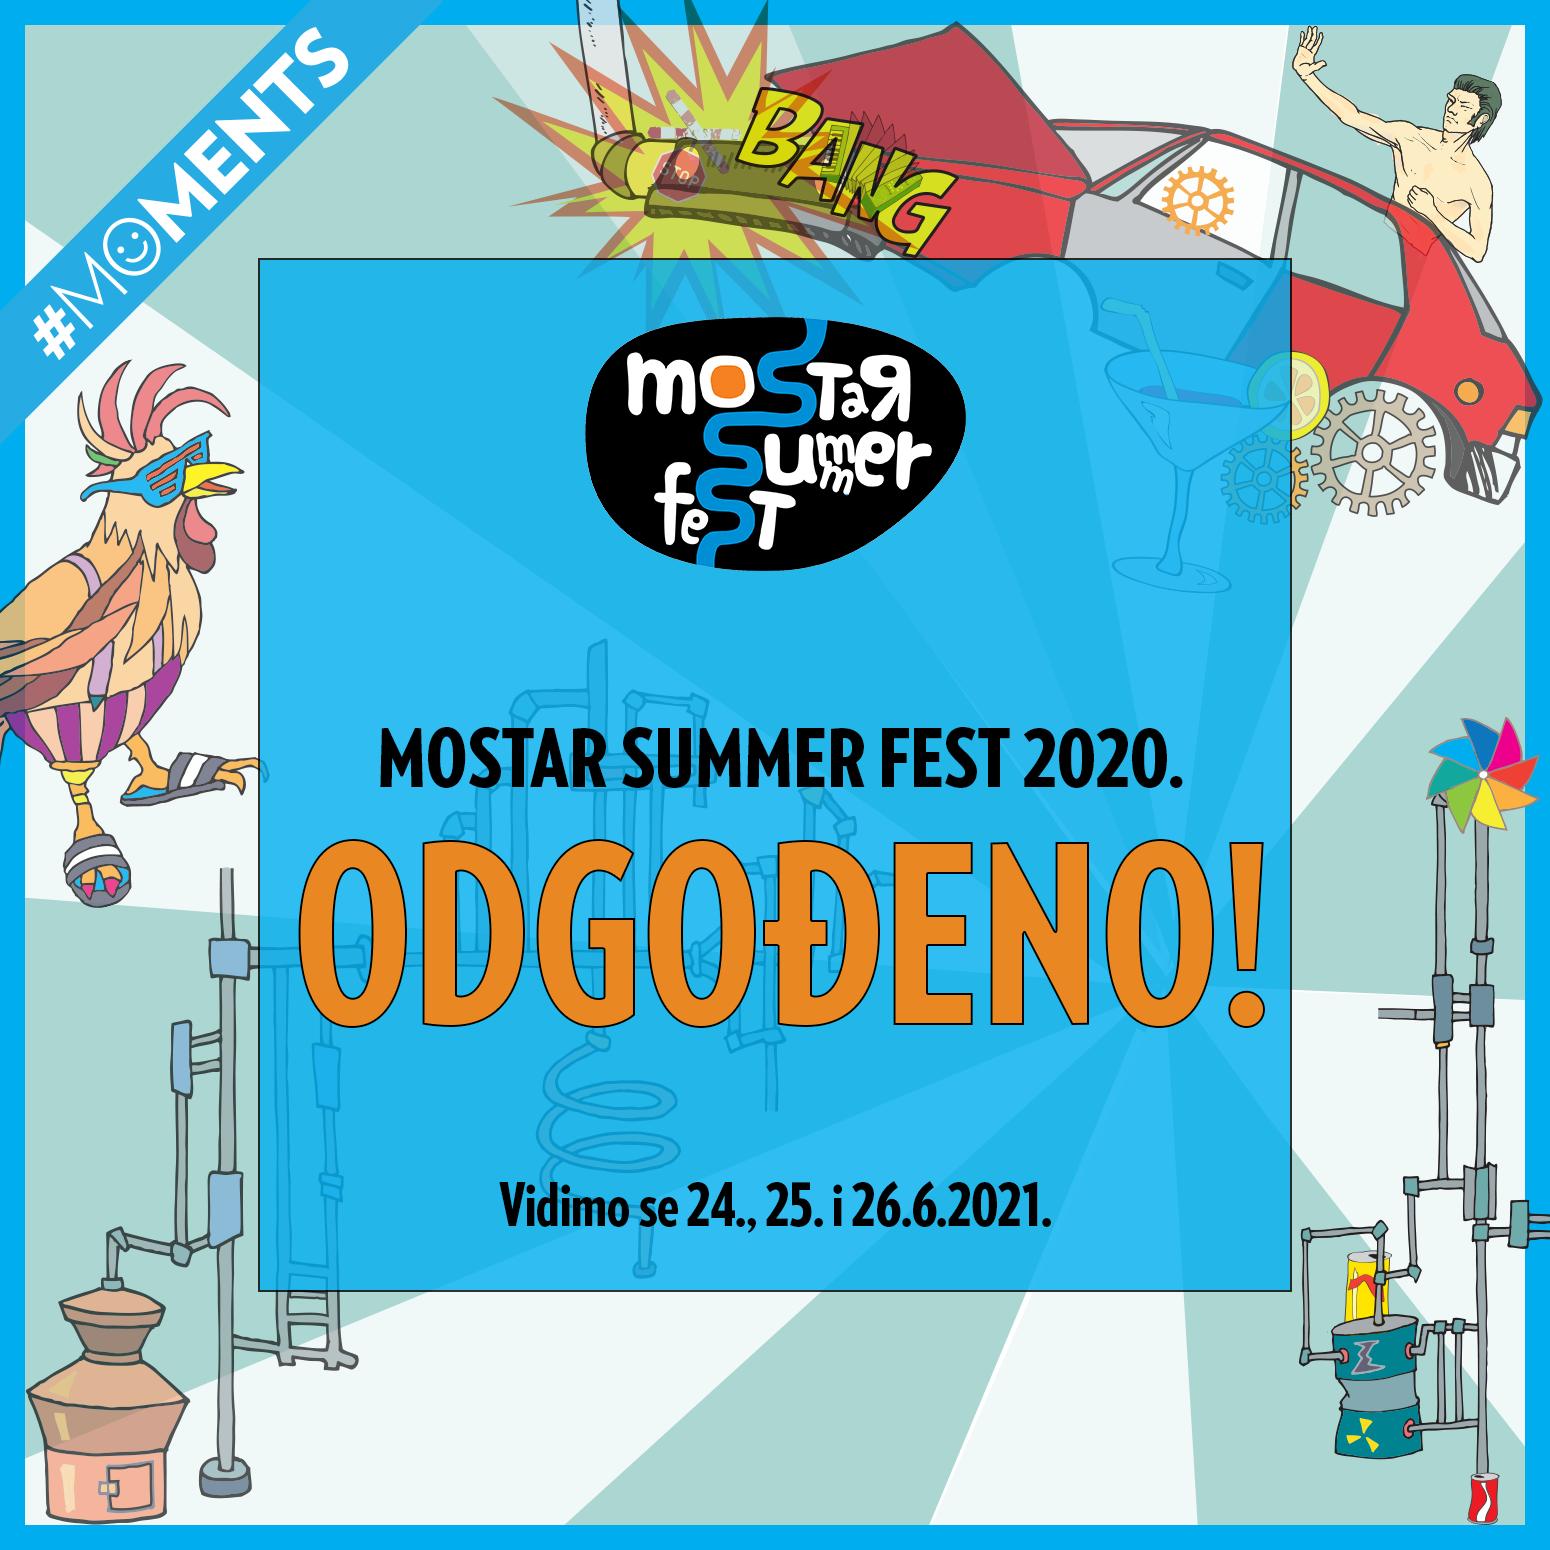 Mostar Summer Fest odgođen, poznat novi datum održavanja